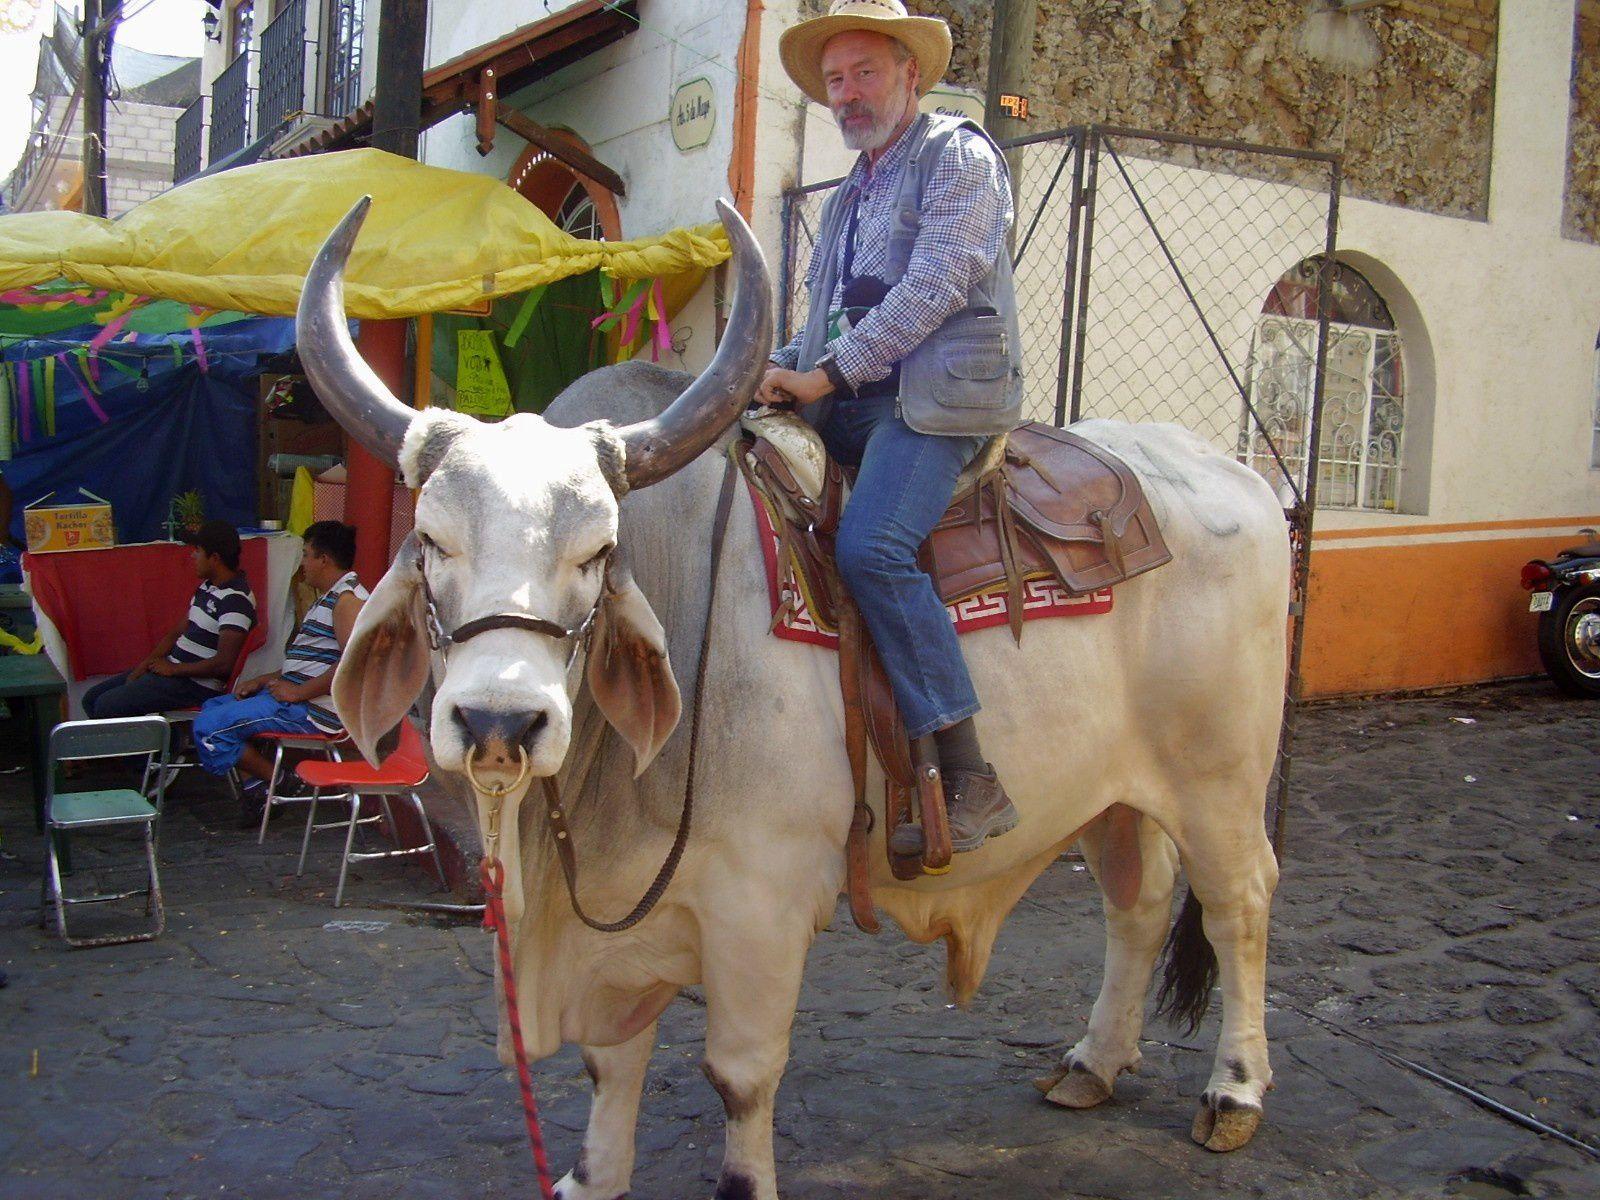 En selle sur un taureau blanc, mais pas du Charolais